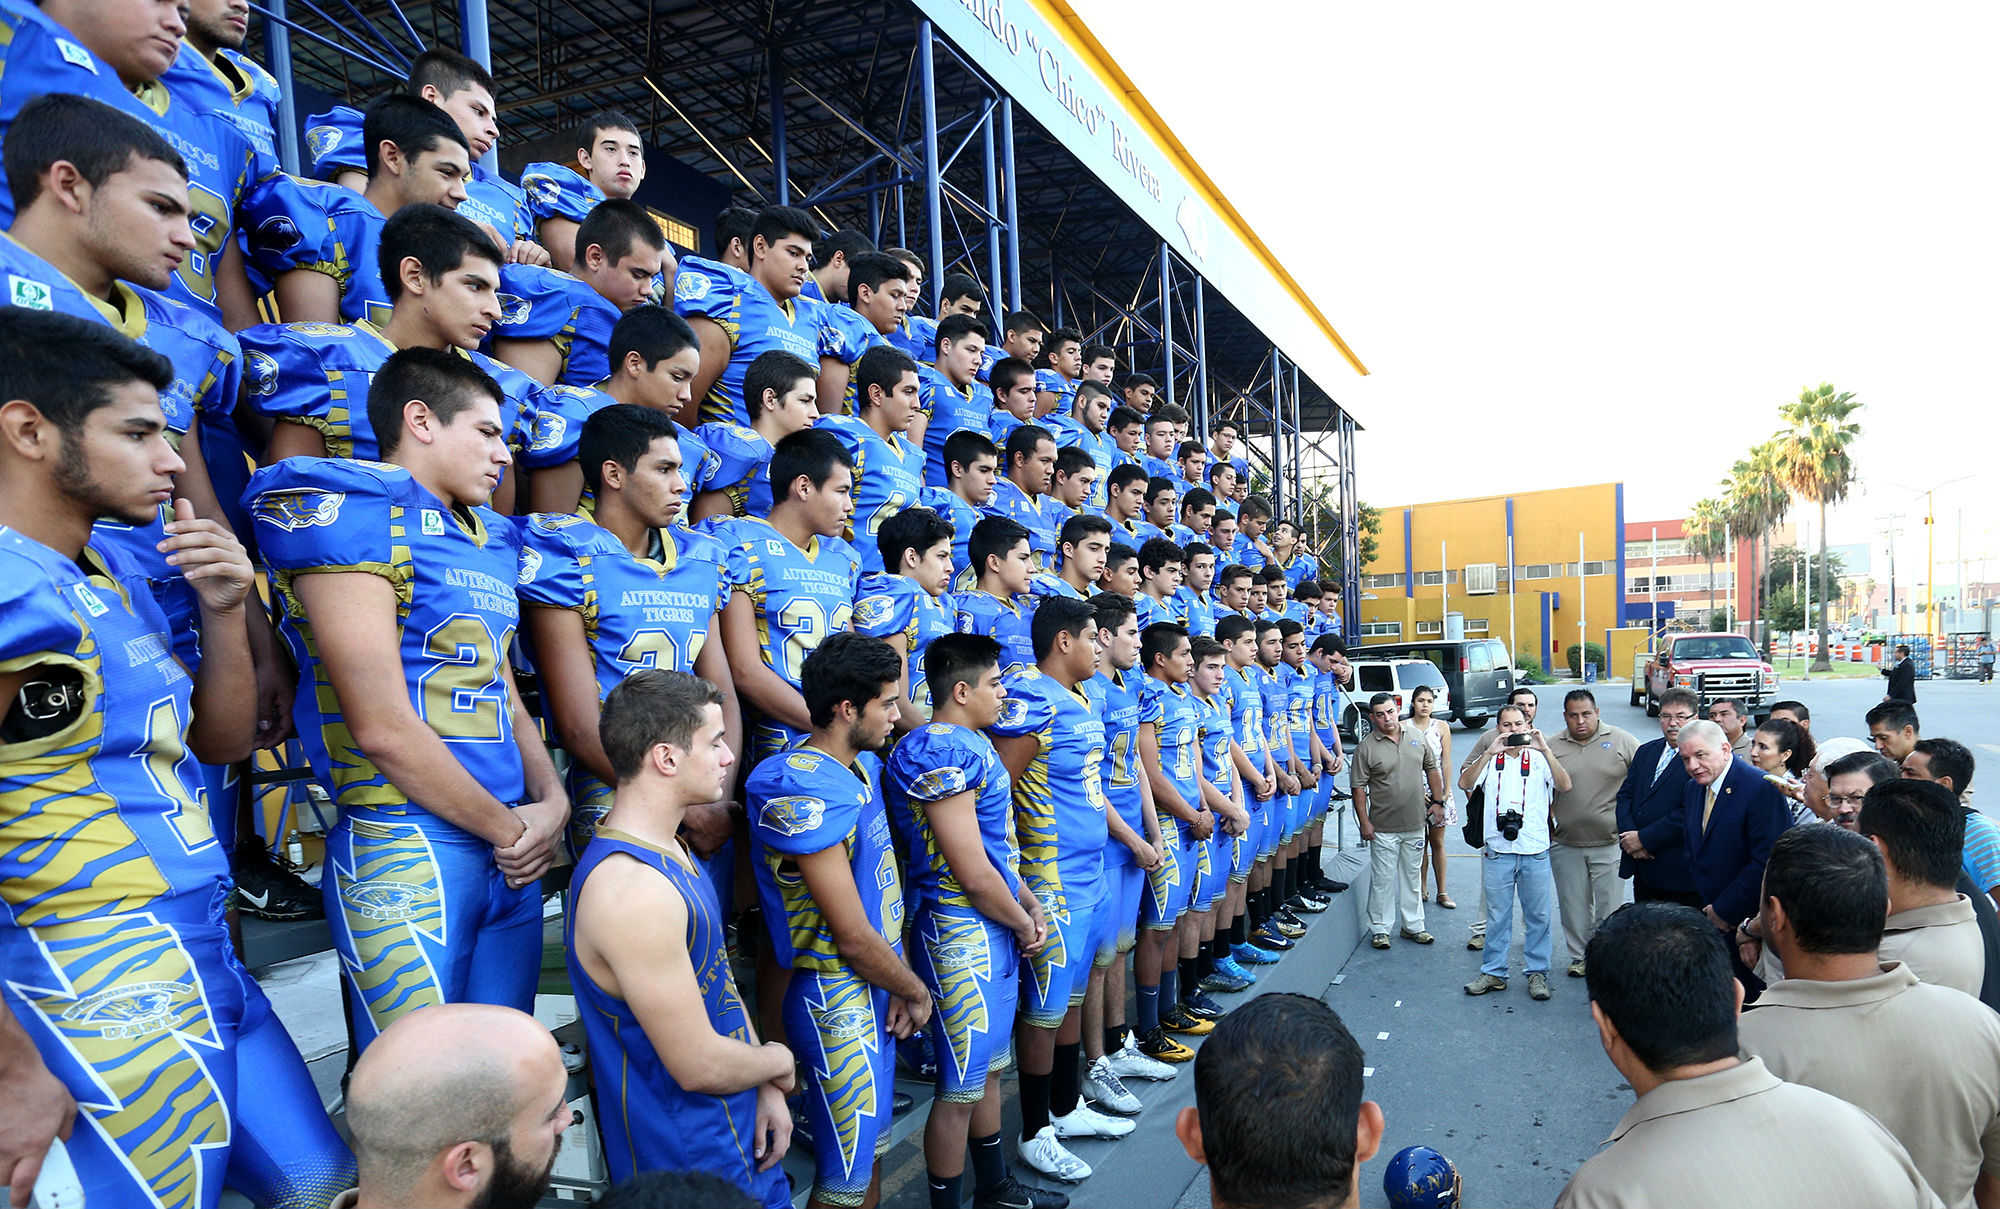 El rector les invitó a entregar todo en la cancha y a aprovechar la infraestructua deportiva y experiencia de sus entrenadores